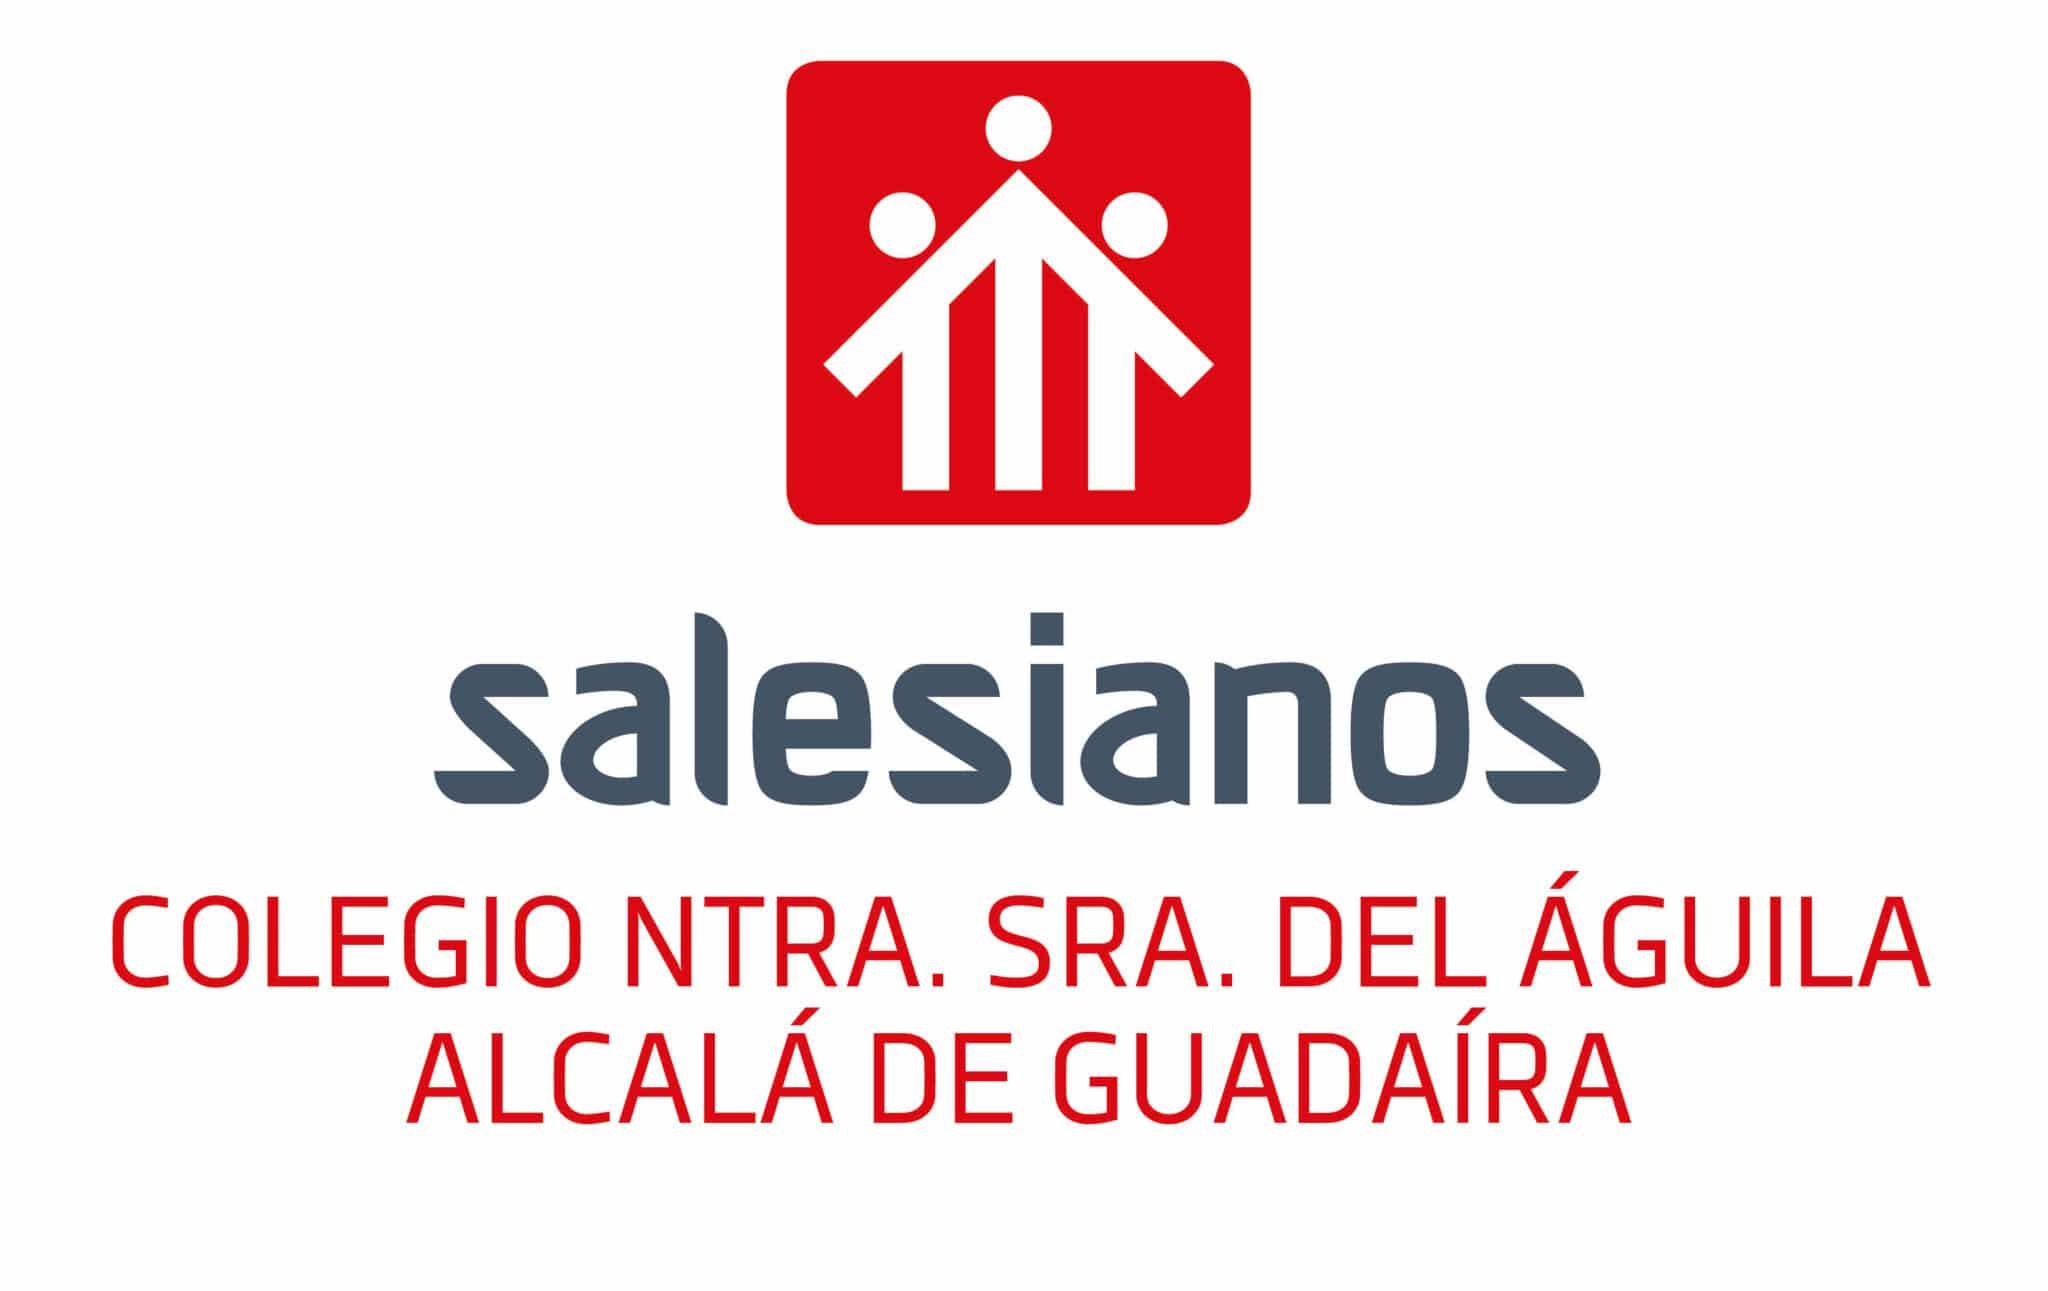 Collaboratos: Salesianos Alcalá de Guadaira